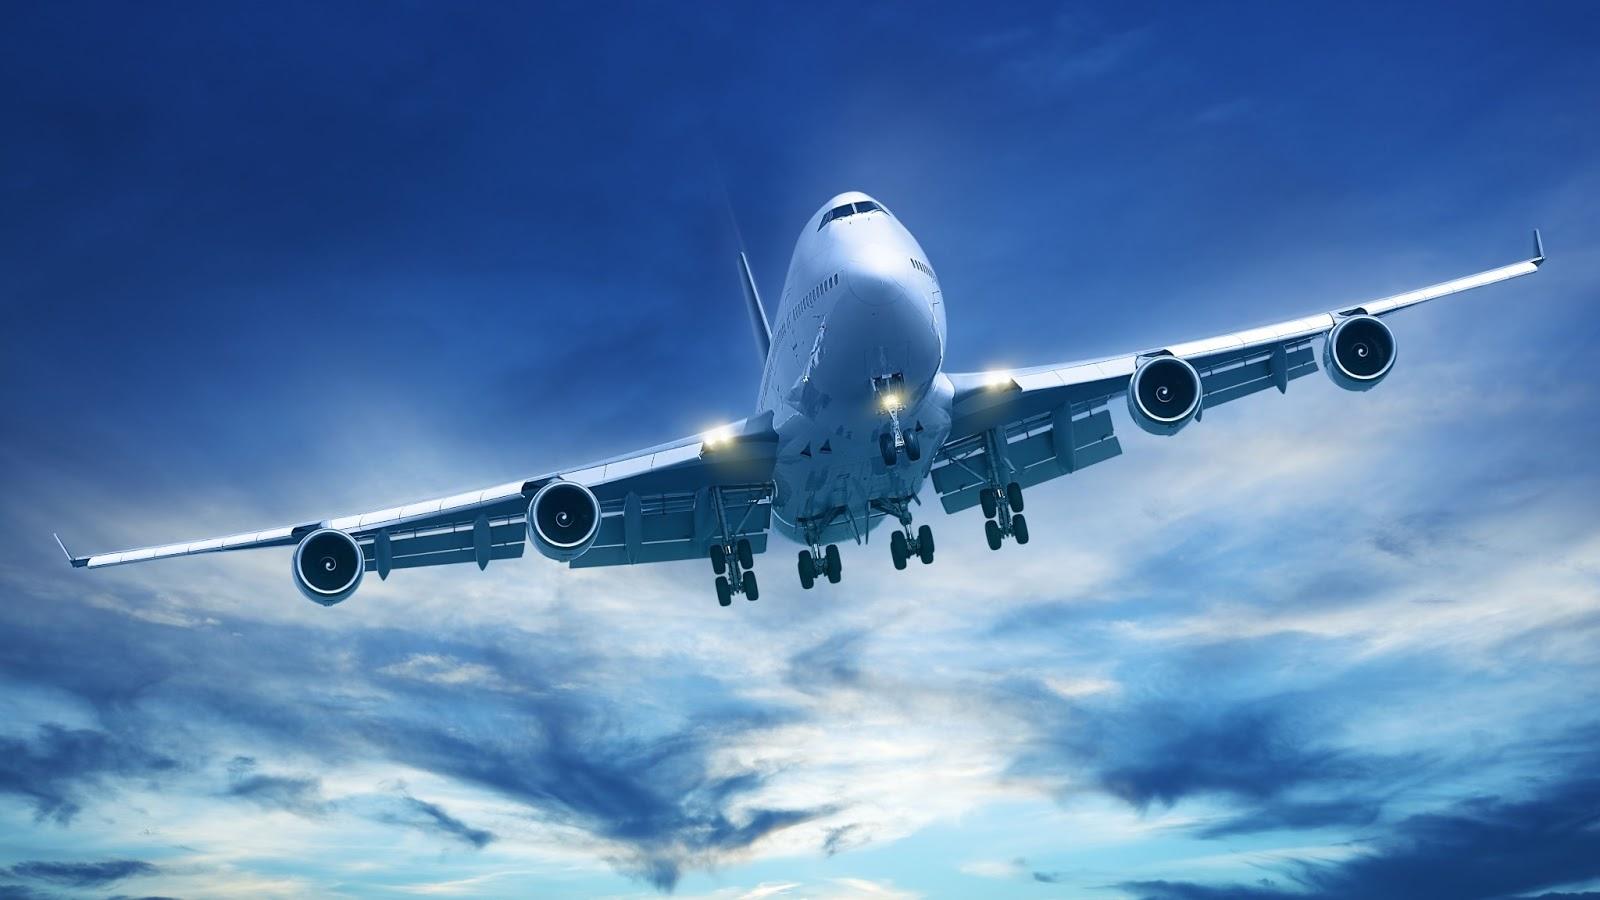 Aeroplane 4K Wallpaper 3840 x 2160 4K Wallpapers 1600x900